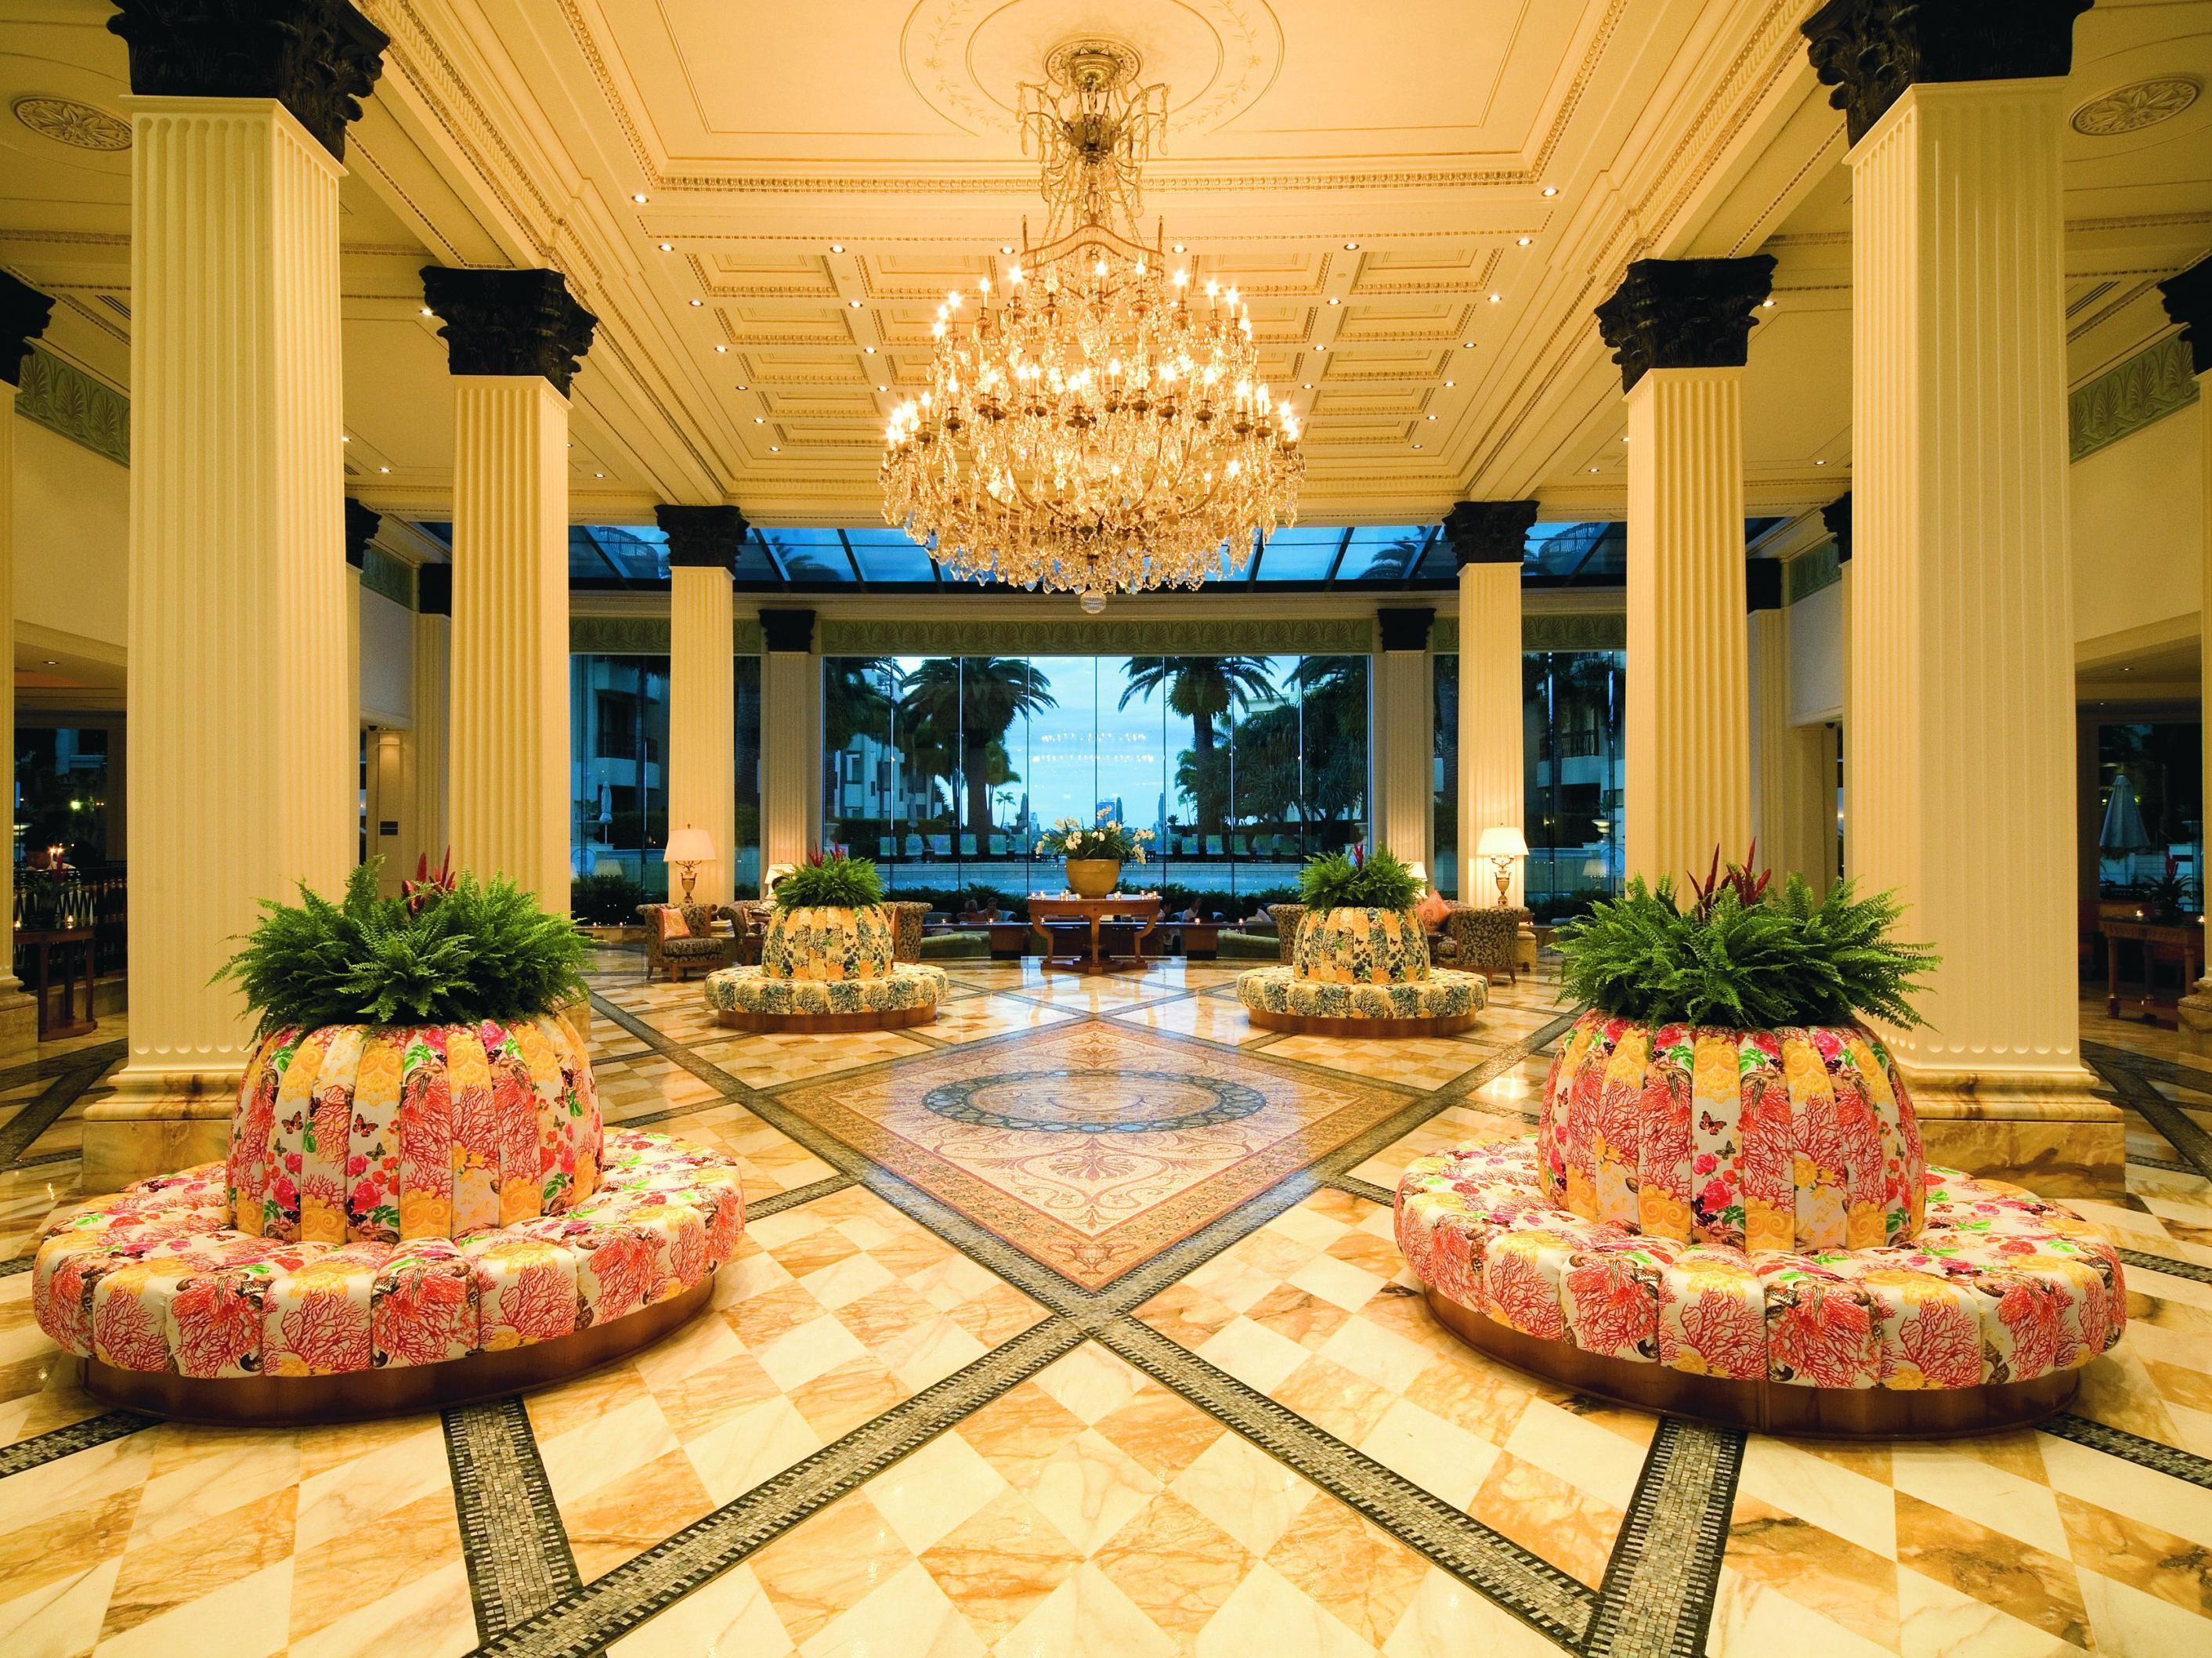 Холл - это первое впечатление клиента о гостинице